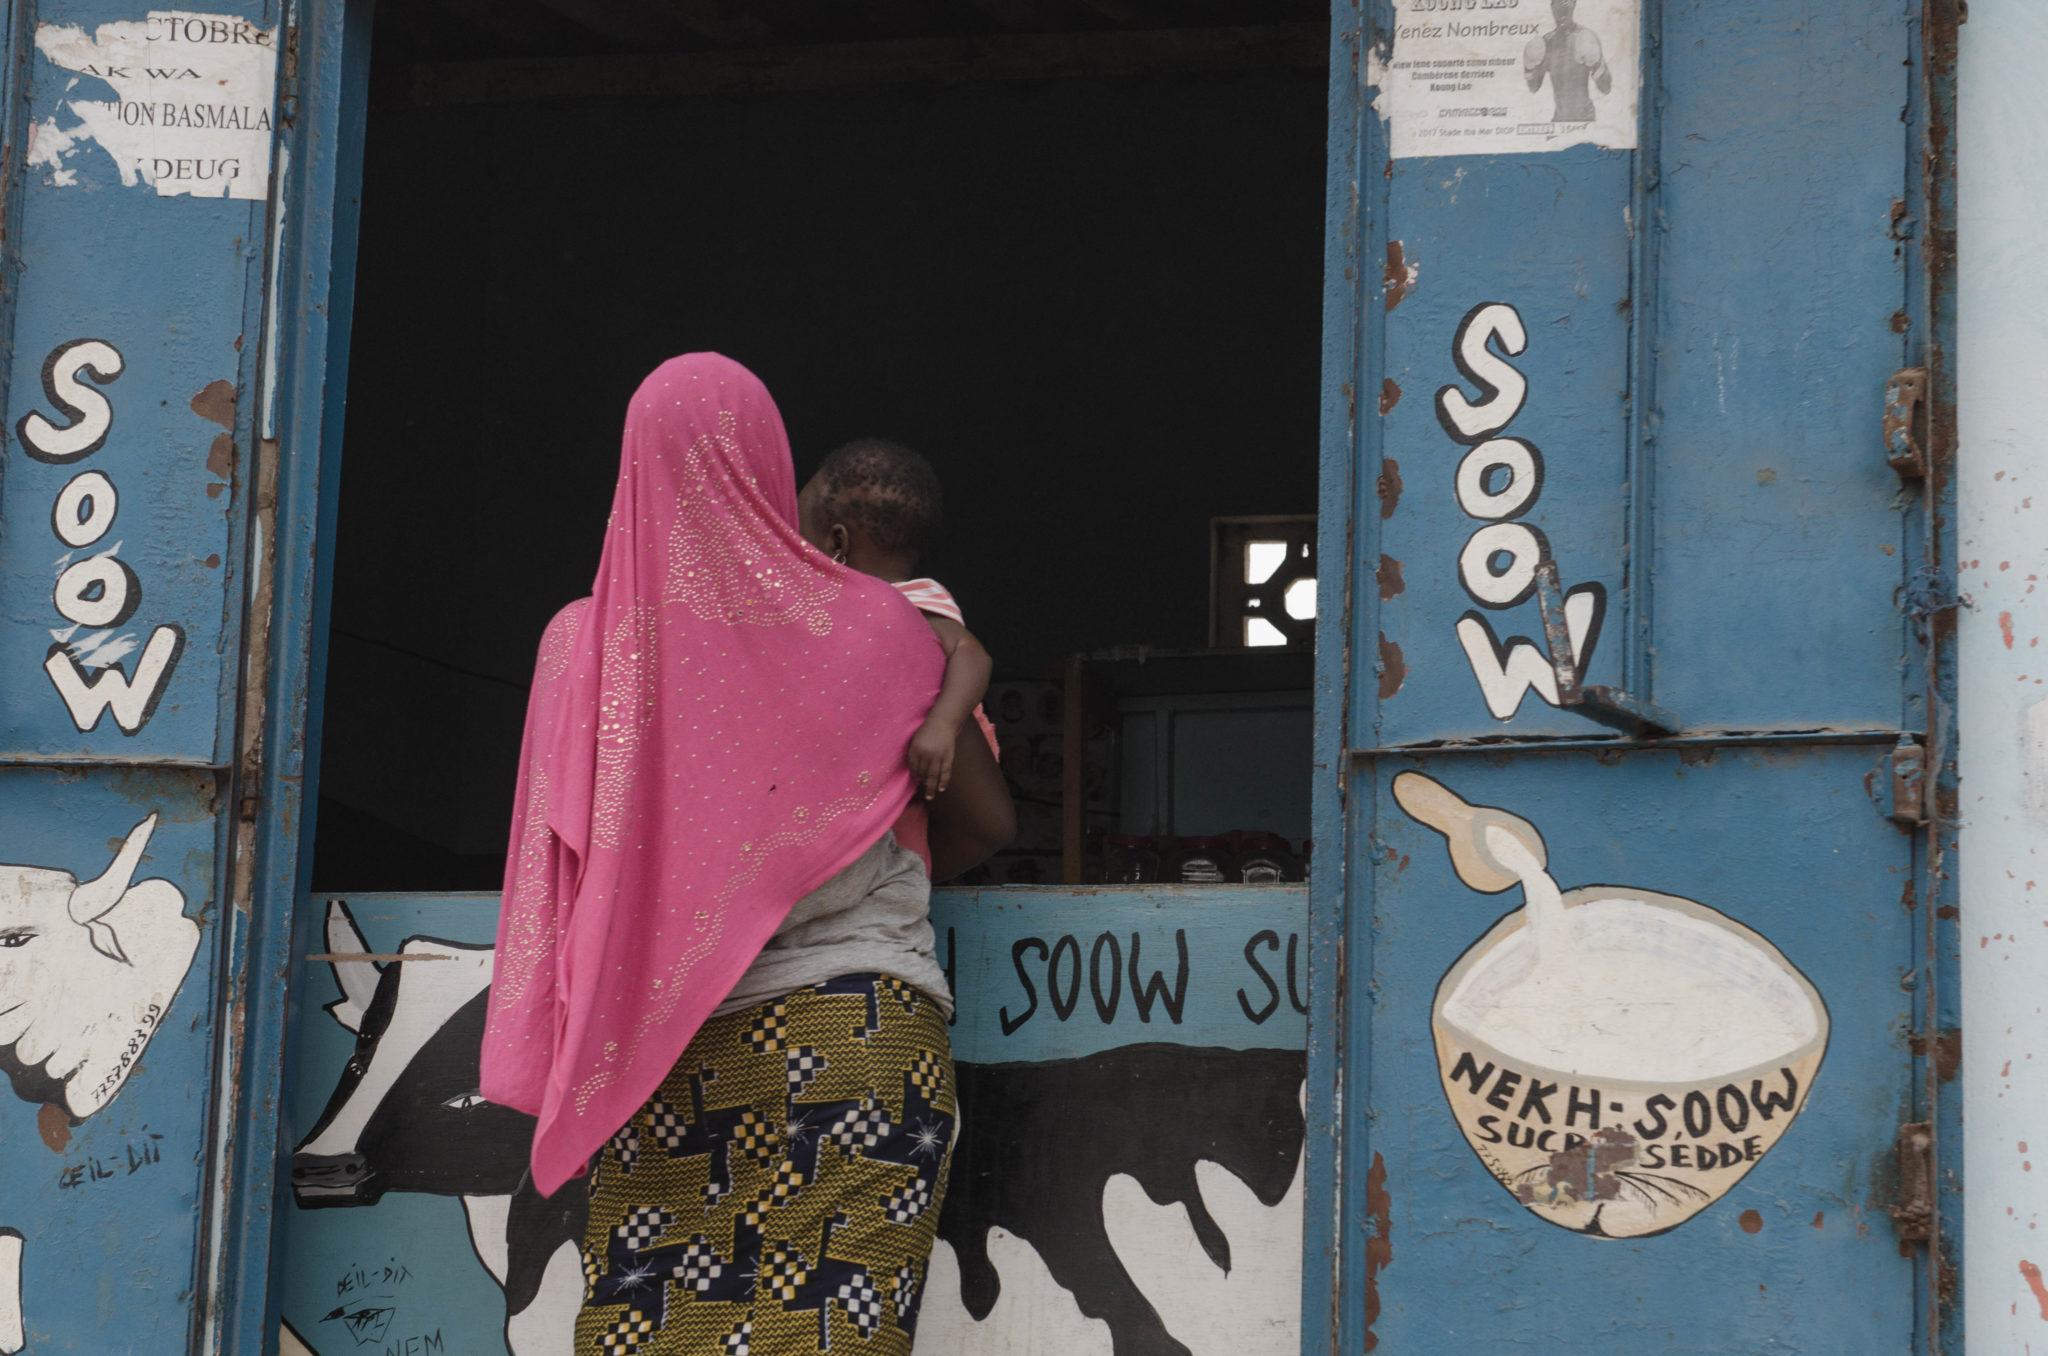 Ein Kiosk im Senegal